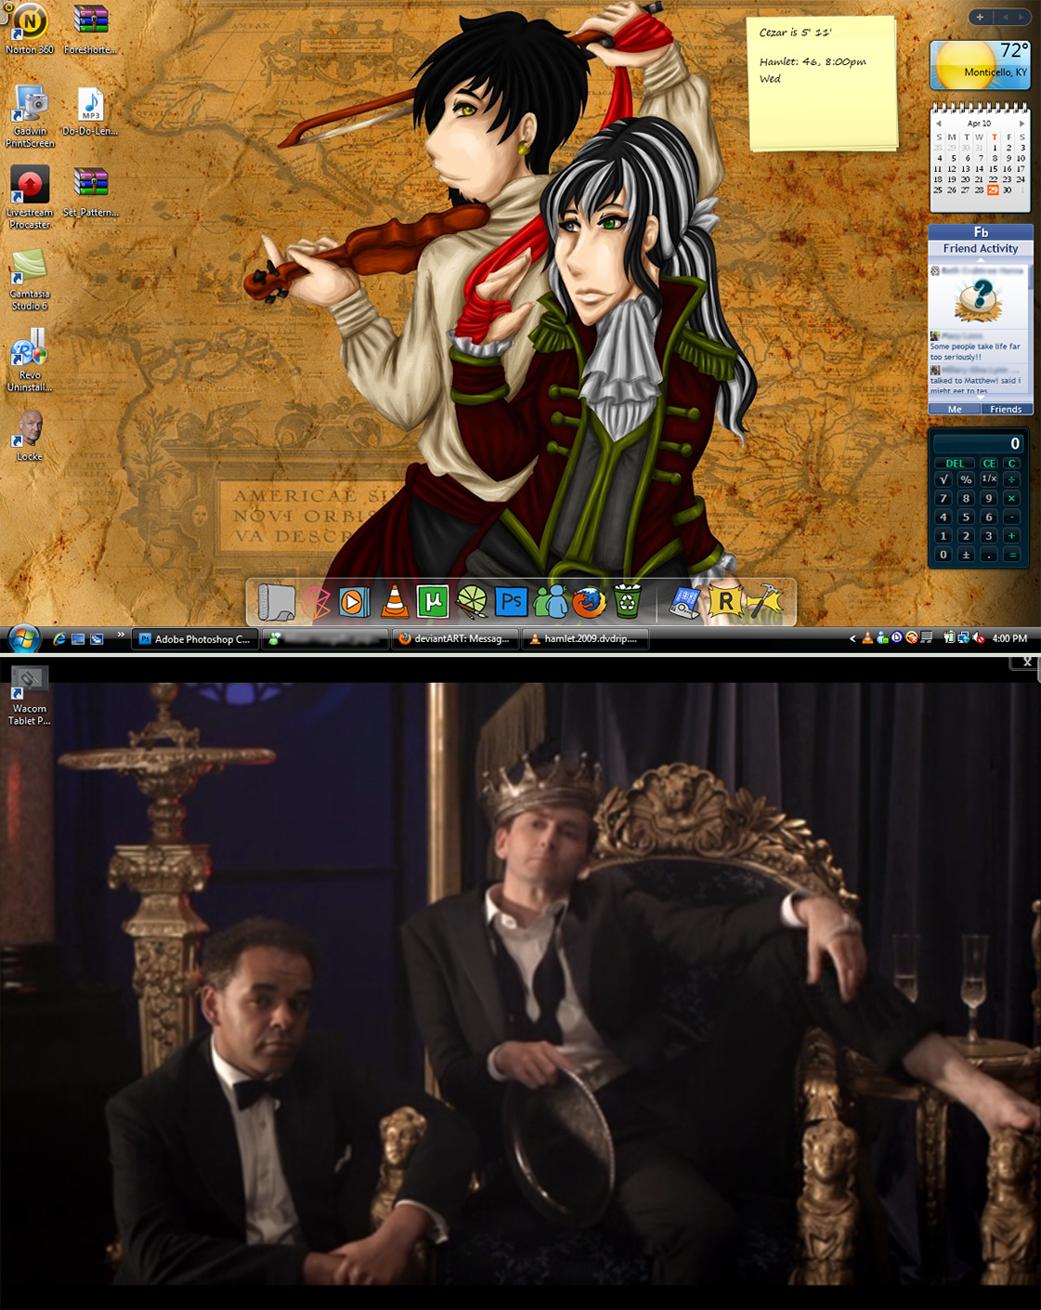 Fancy Schmancy Desktops by FlantsyFlan